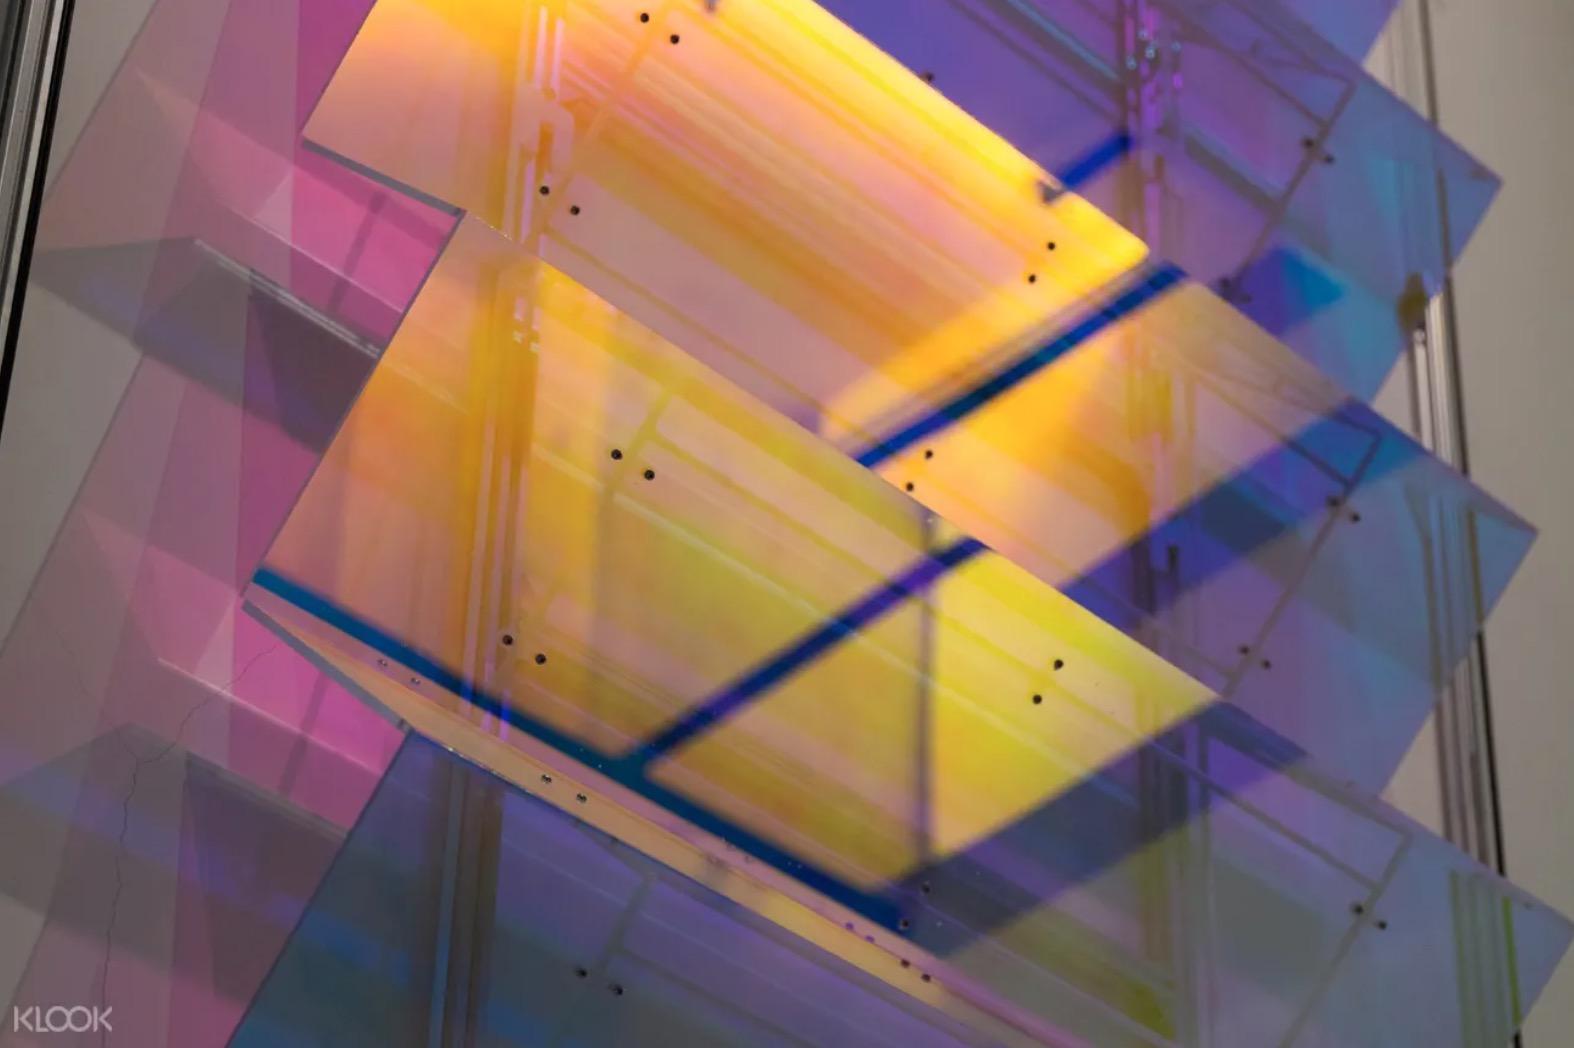 特別為 LIGHTWELL 量身打造的作品〈光區〉,利用天井本身的光影條件,搭配日照的變化,讓天井區域就彷彿是一幅大型畫作。